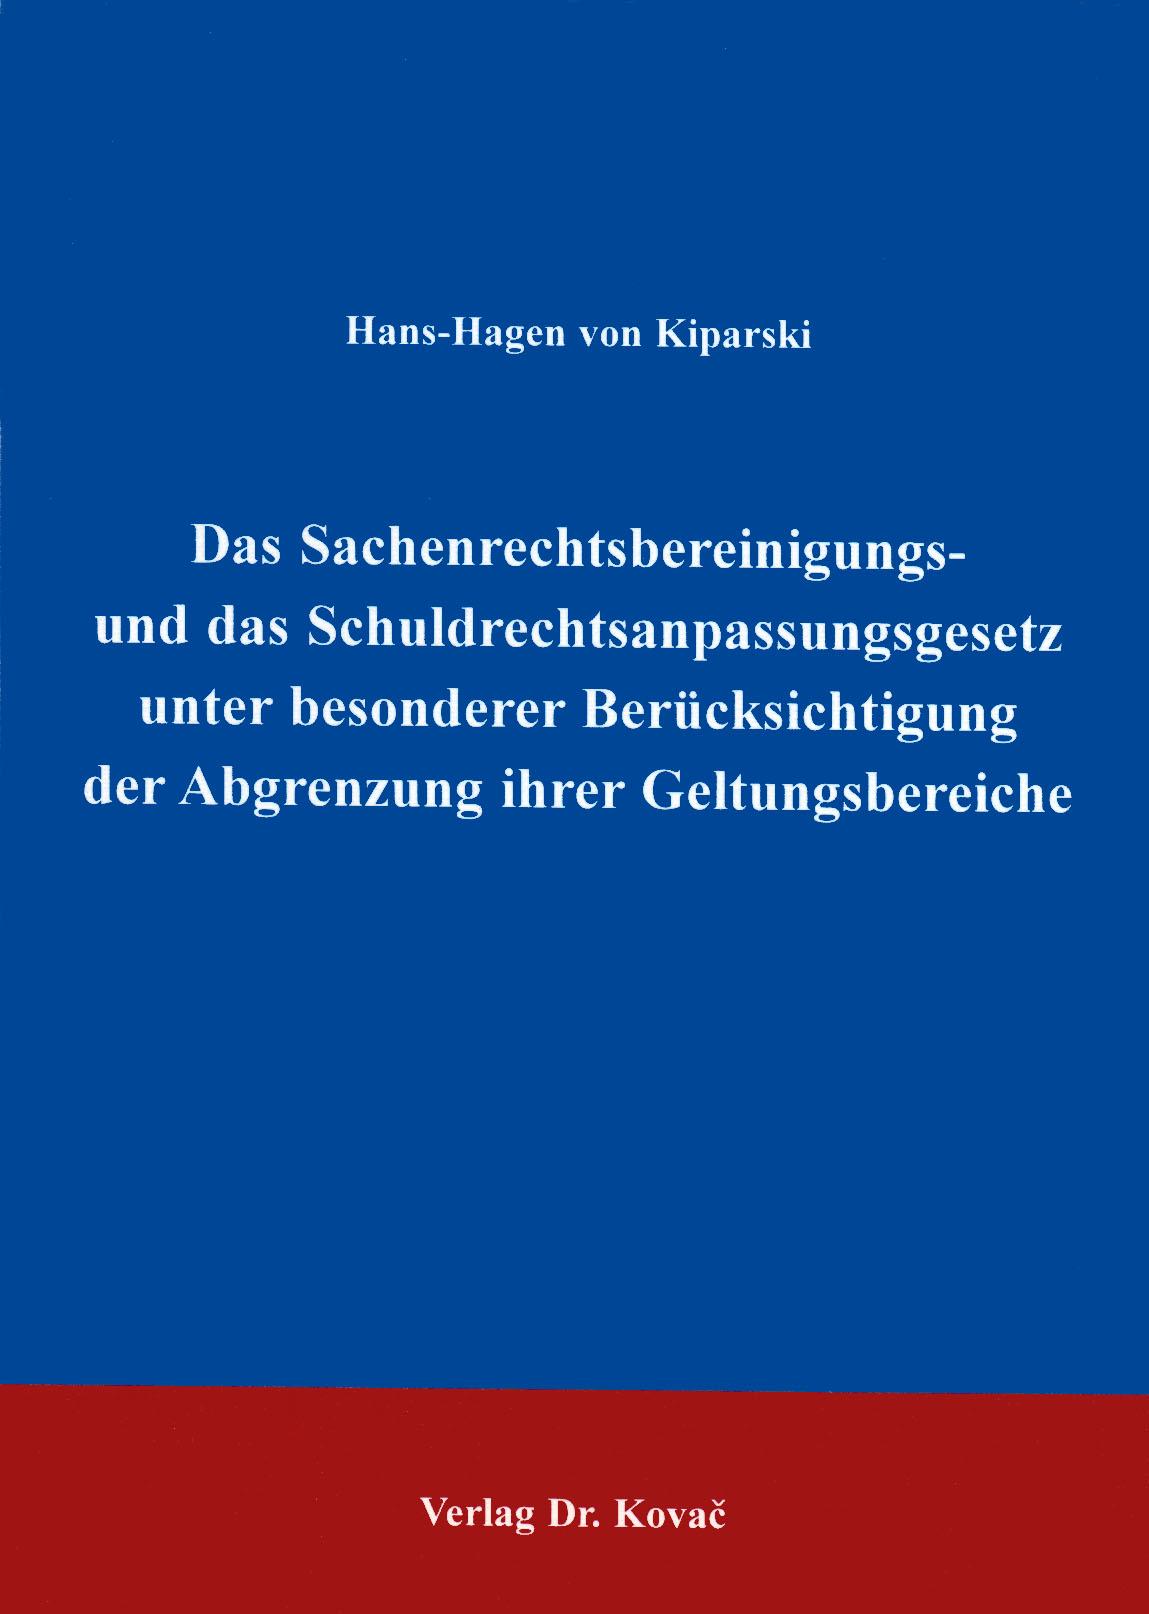 Cover: Das Sachenrechtsbereinigungs- und das Schuldrechtsanpassungsgesetz unter besonderer Berücksichtigung der Abgrenzung ihrer Geltungsbereiche